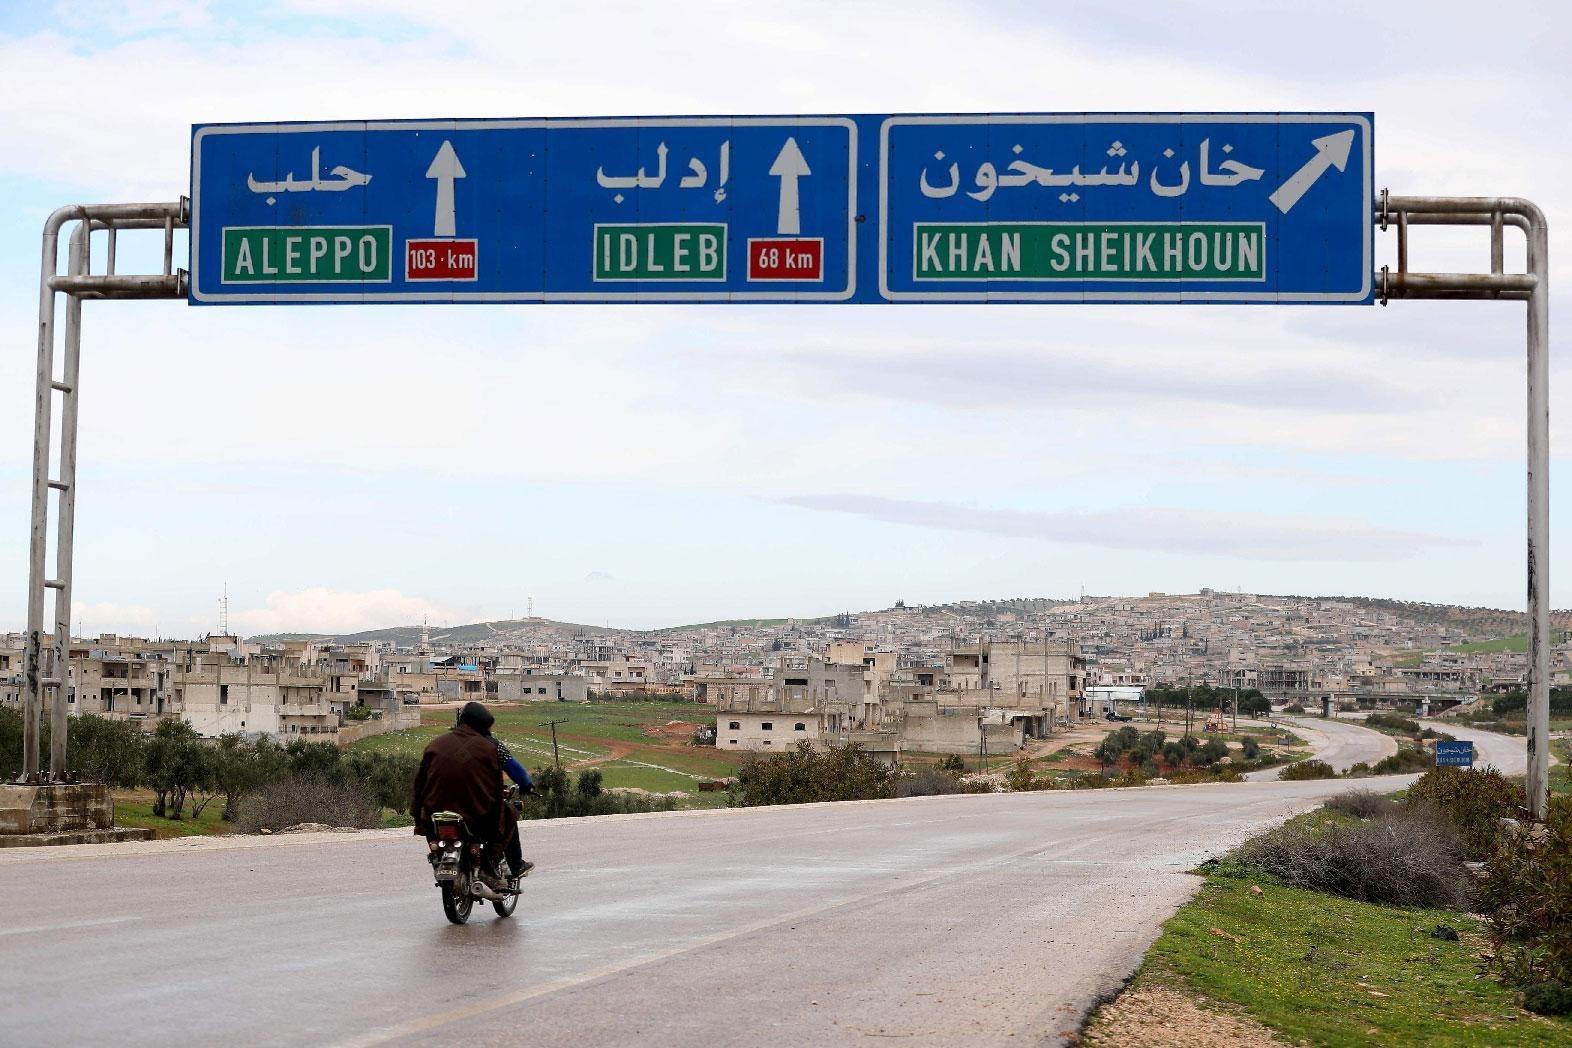 اتفاقيات سوتشي من شرق الفرات إلى غربه.. إدلب هي المفتاح